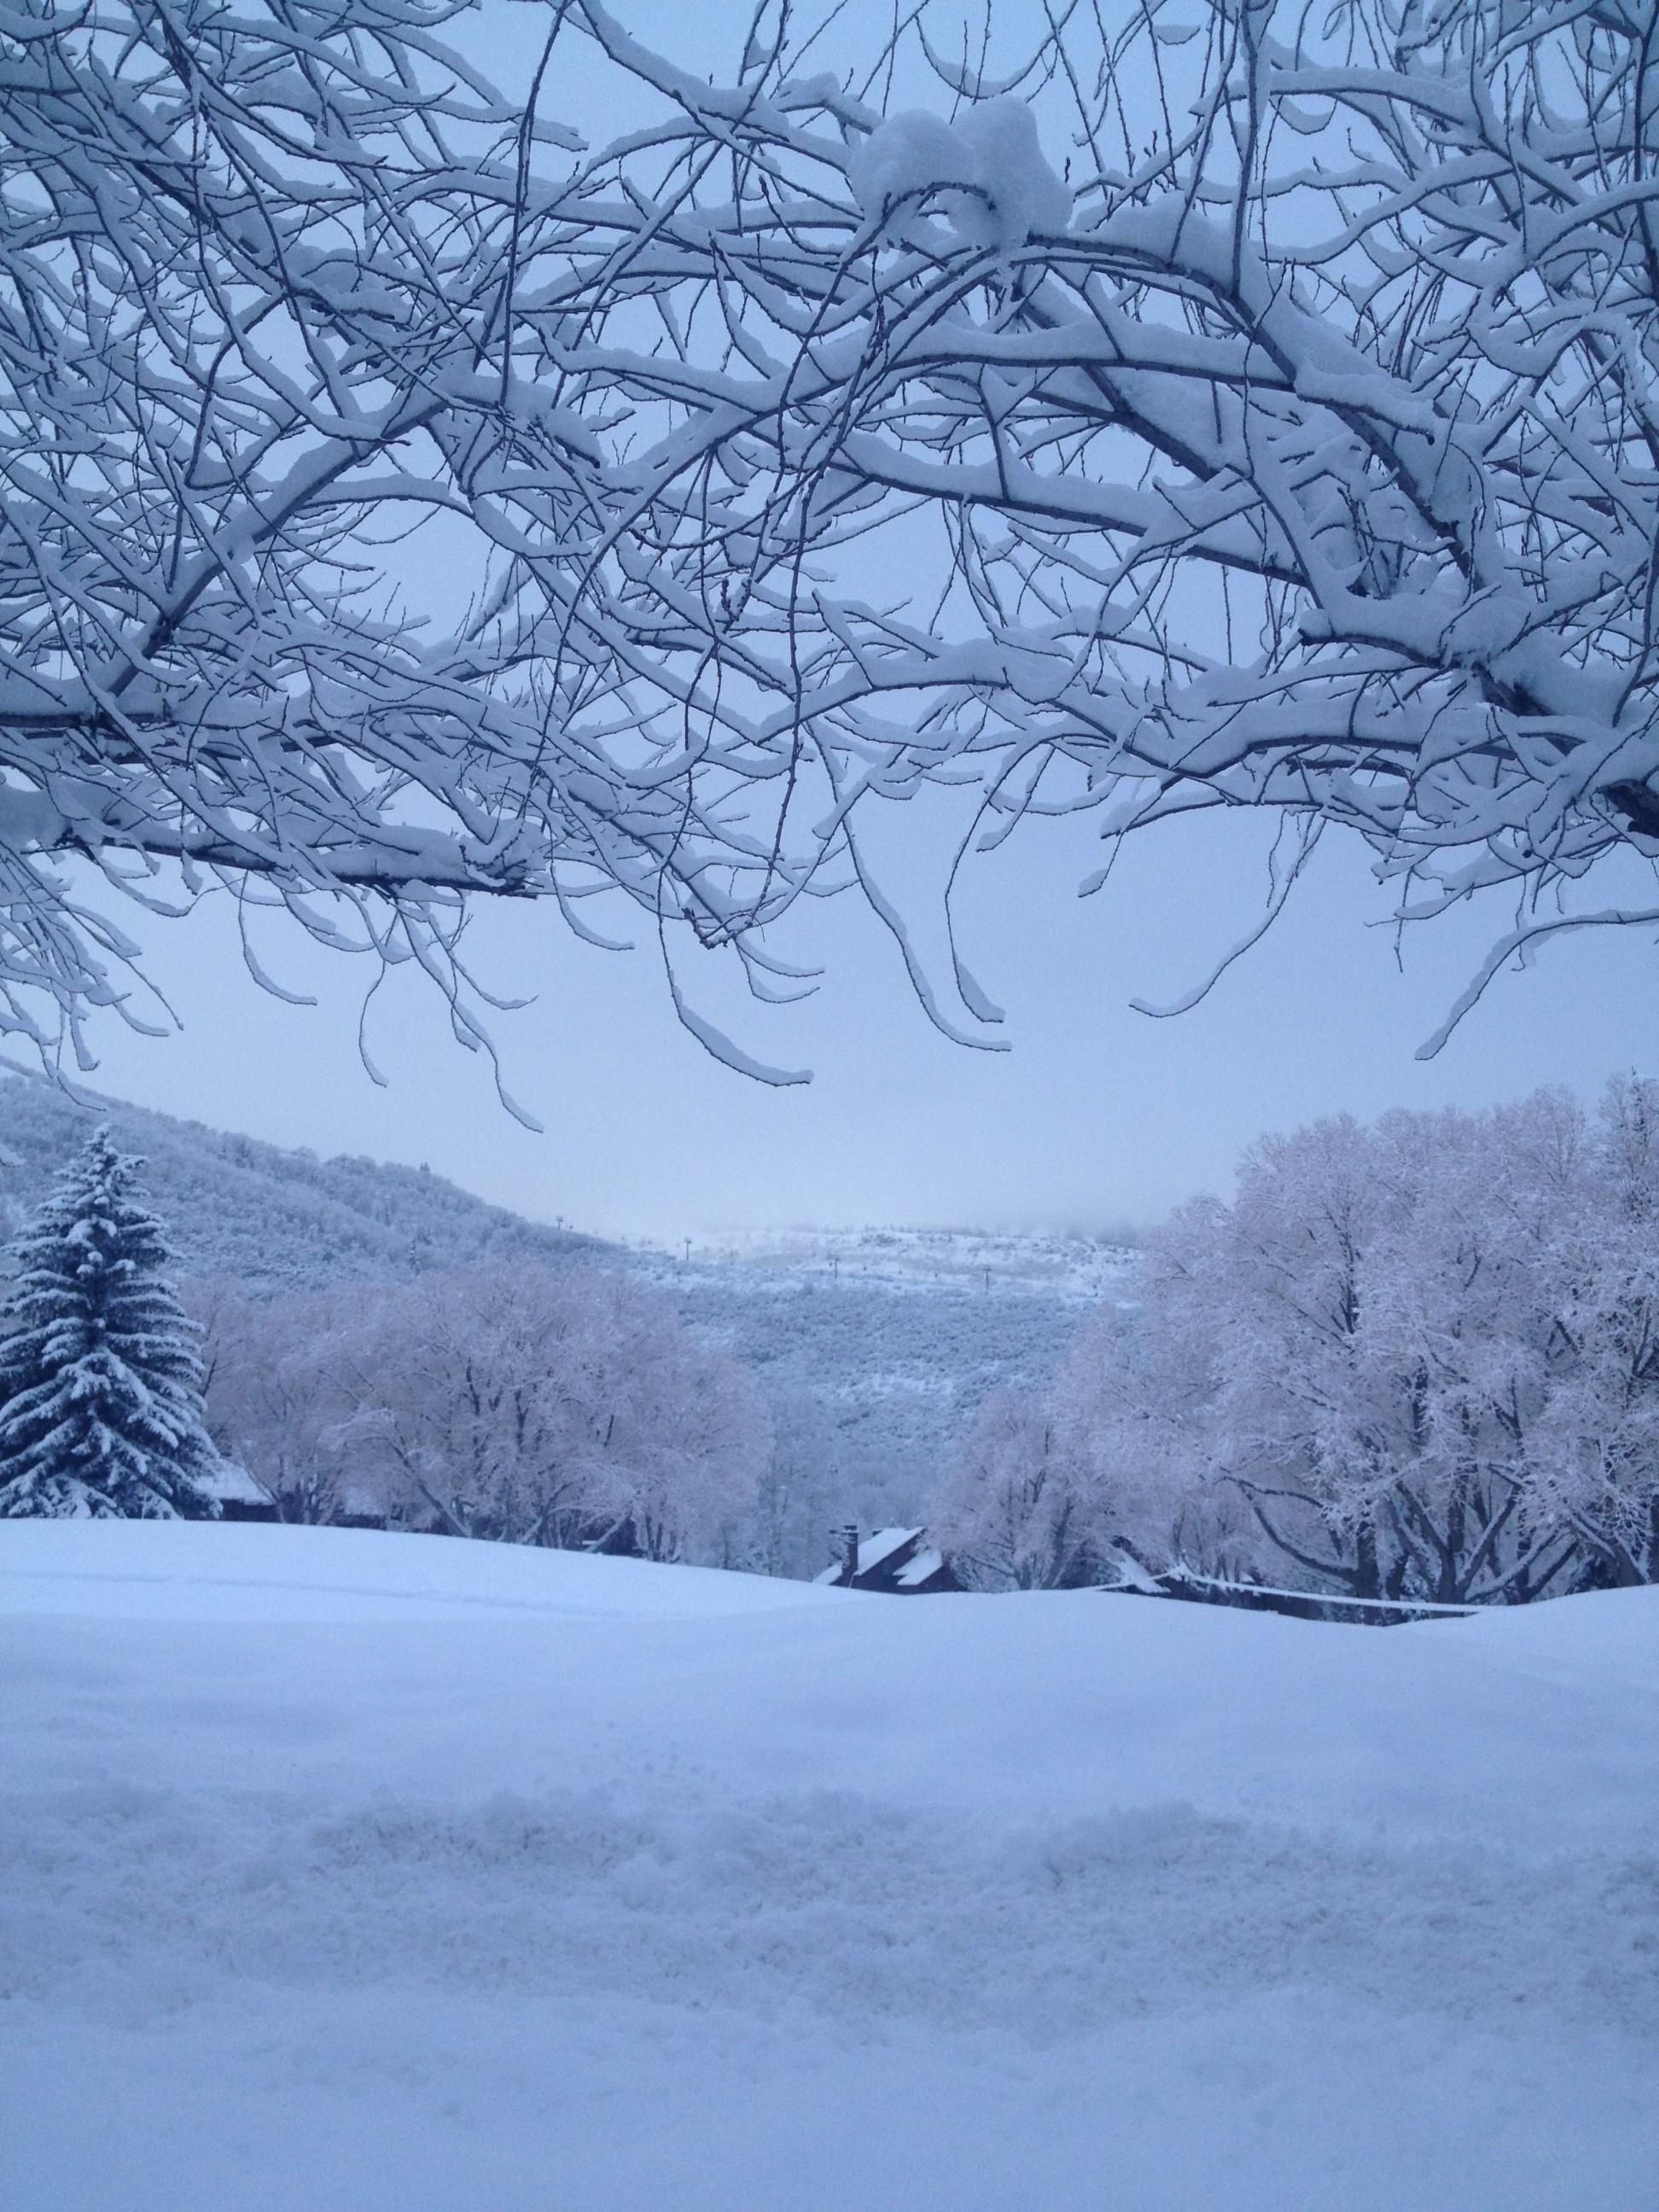 Snowy Trees in Park City, Utah